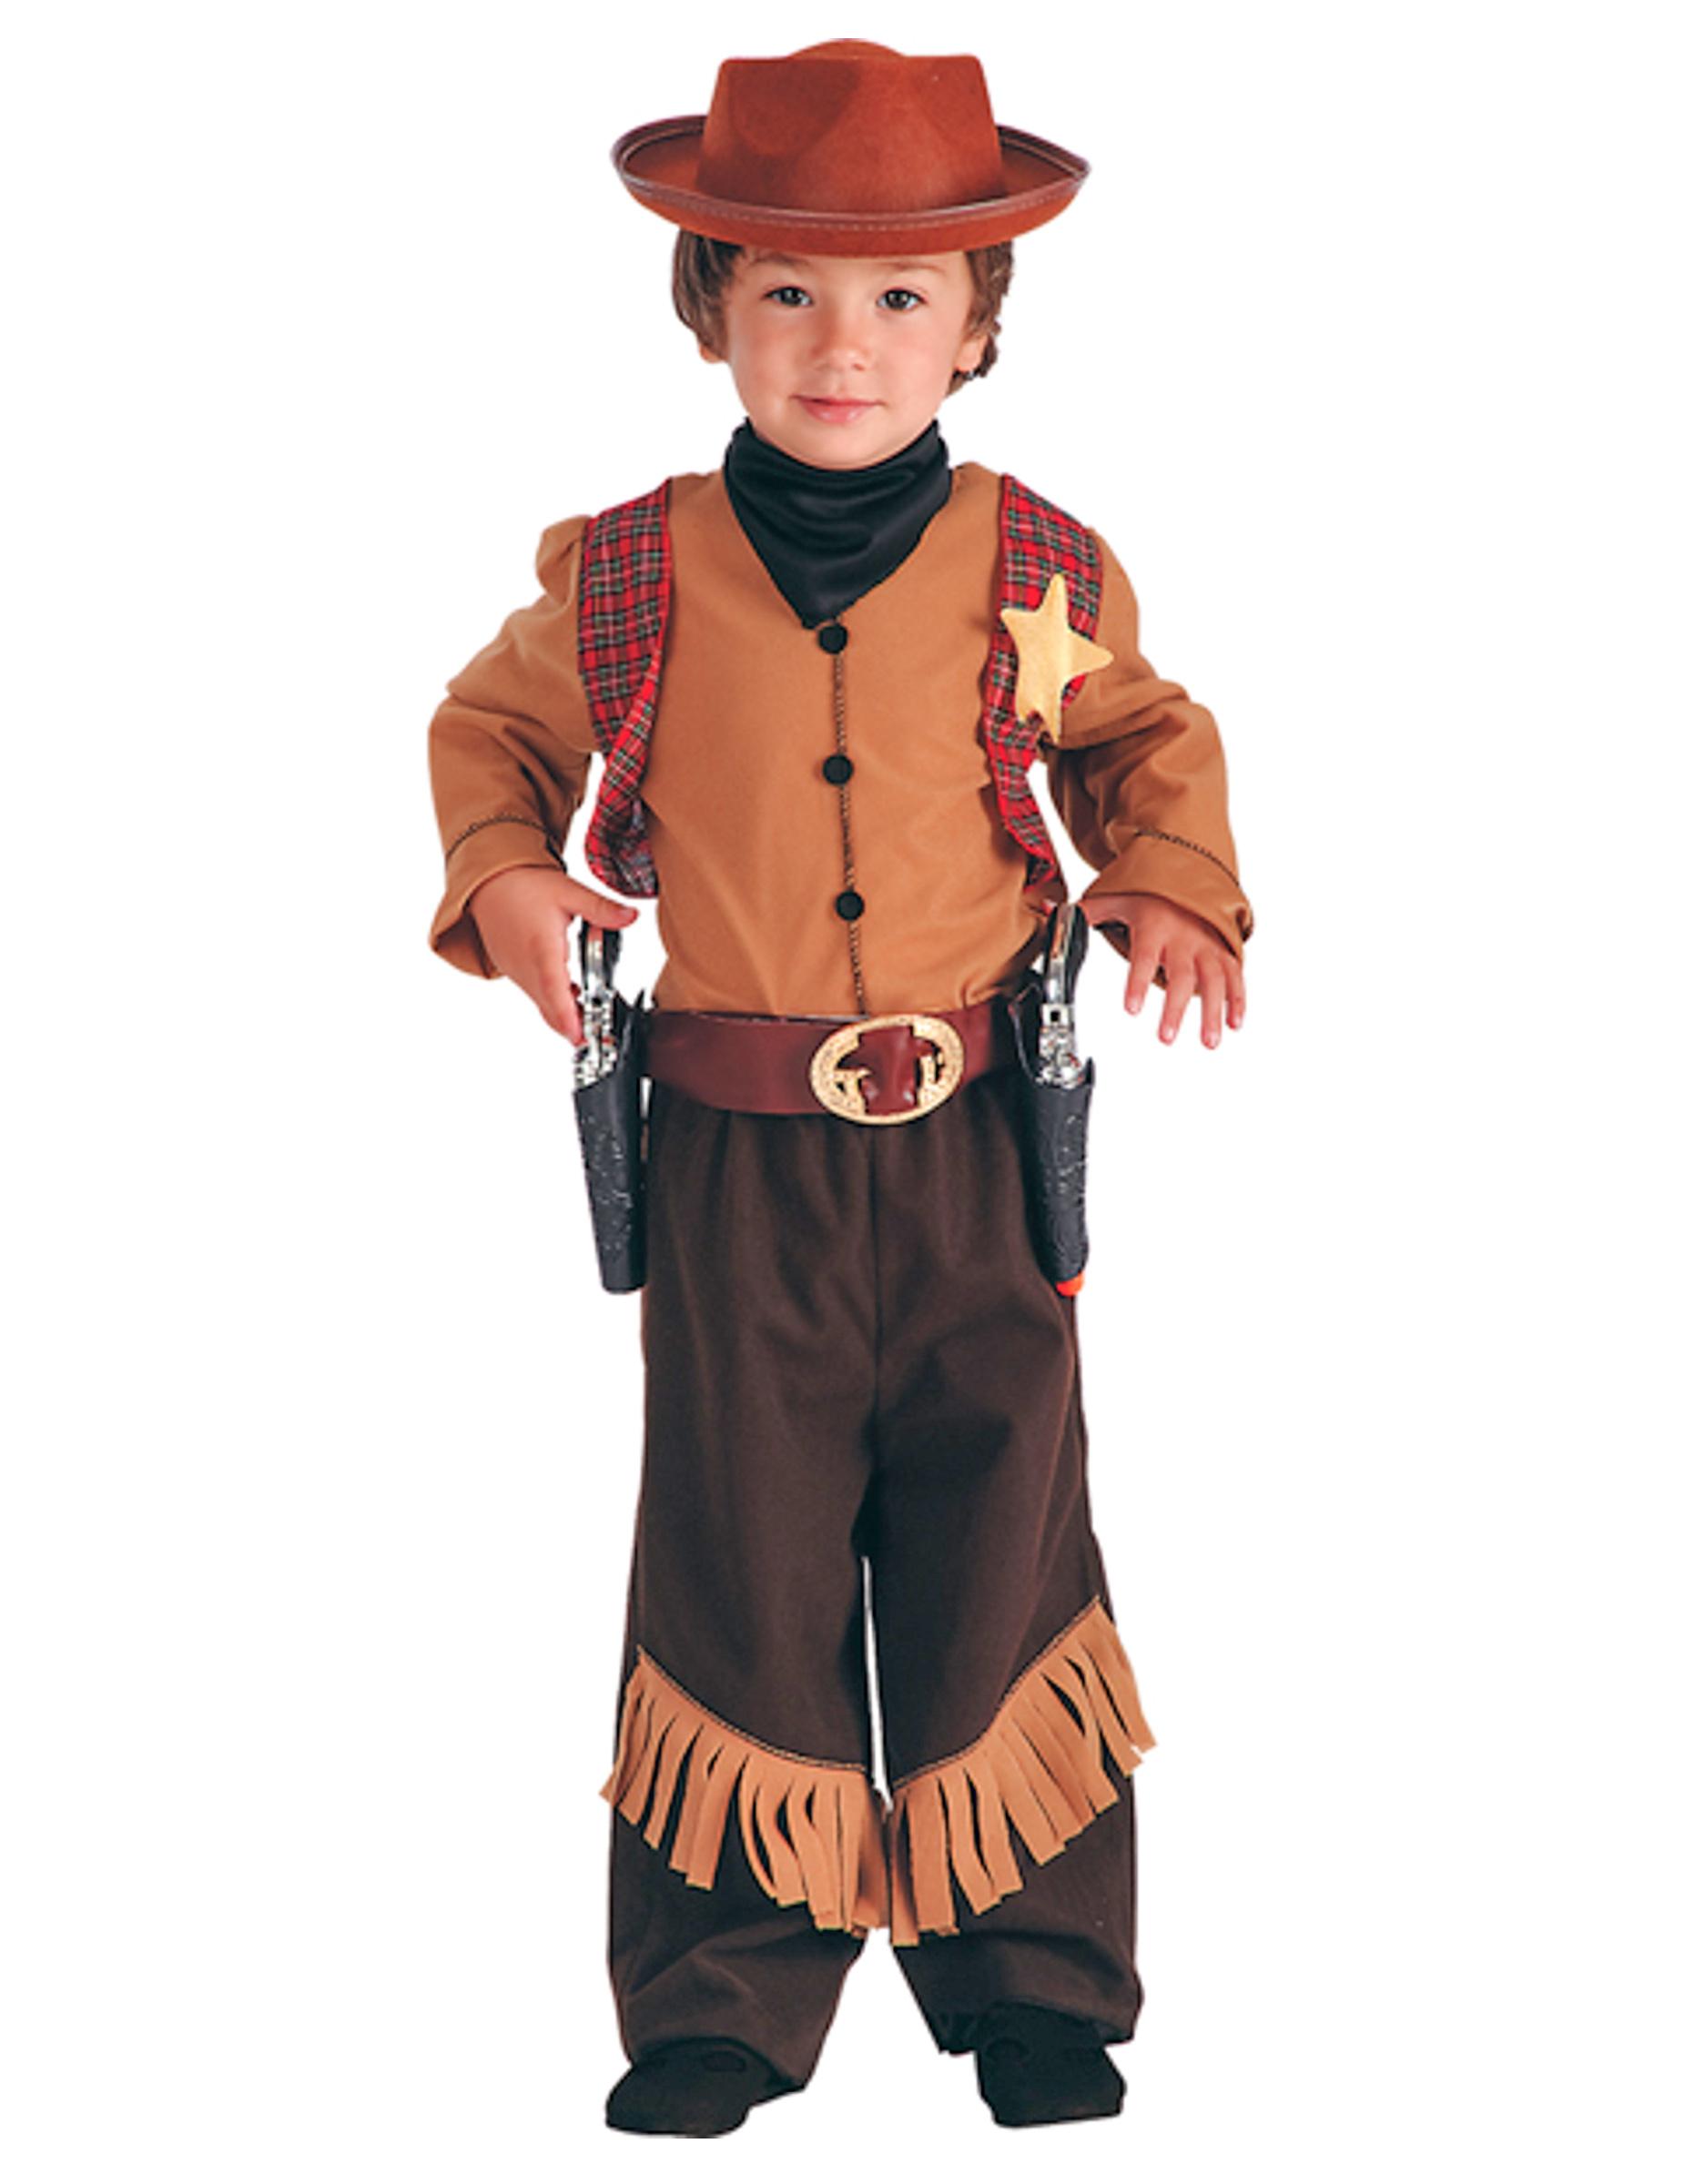 Costume Da Cowboy Sceriffo Per Bambino Costumi Bambini E